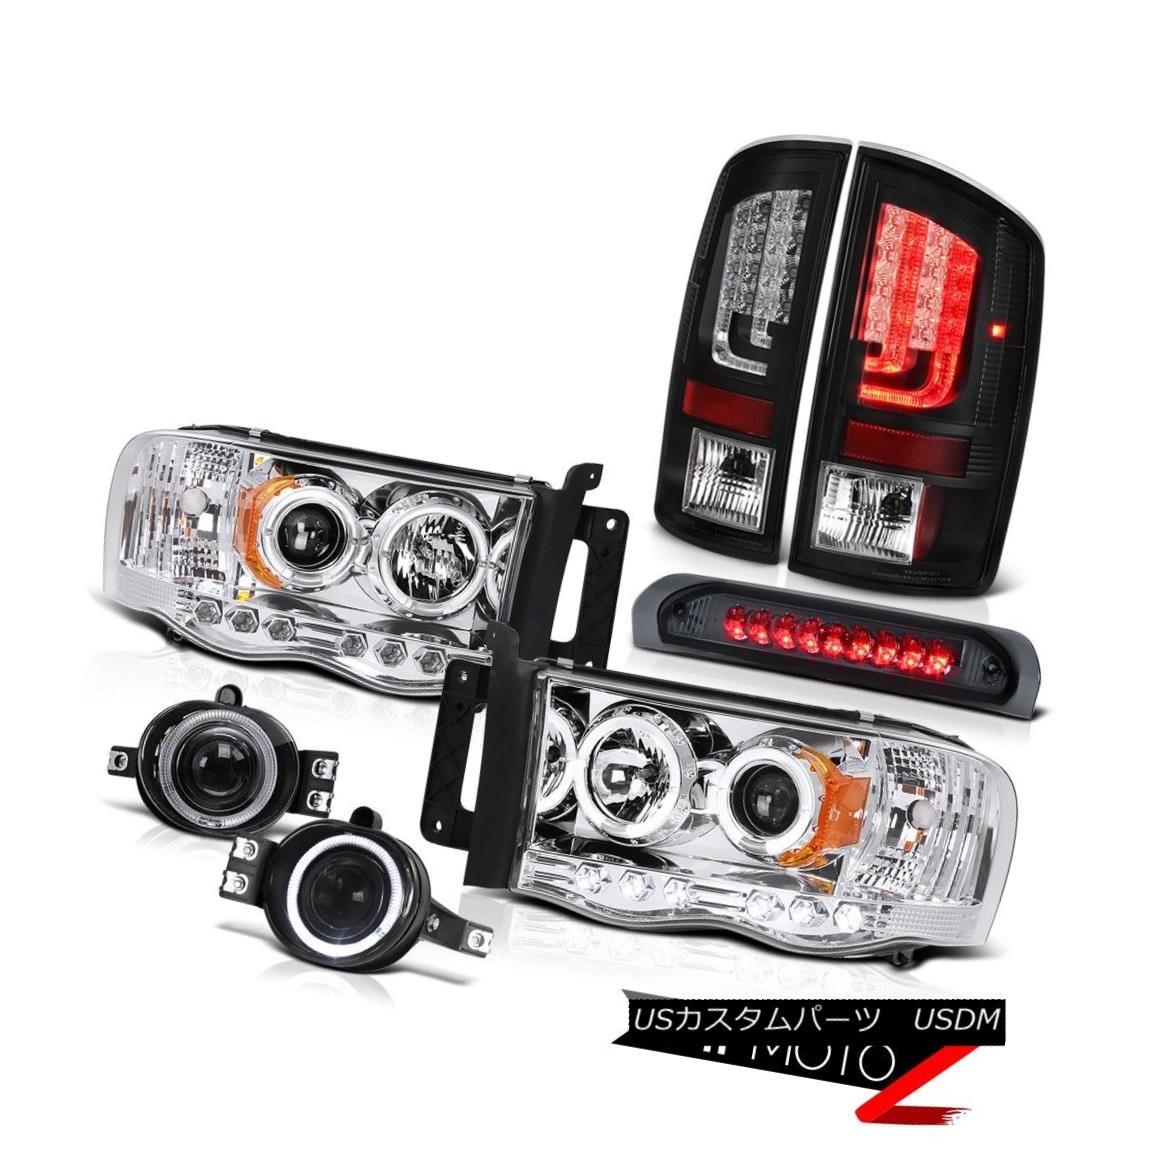 テールライト 2003-2005 Dodge Ram 1500 3.7L Tail Lamps Headlights Fog High STop Lamp Neon Tube 2003-2005ダッジラム1500 3.7LテールランプヘッドライトフォグハイSTopランプネオンチューブ